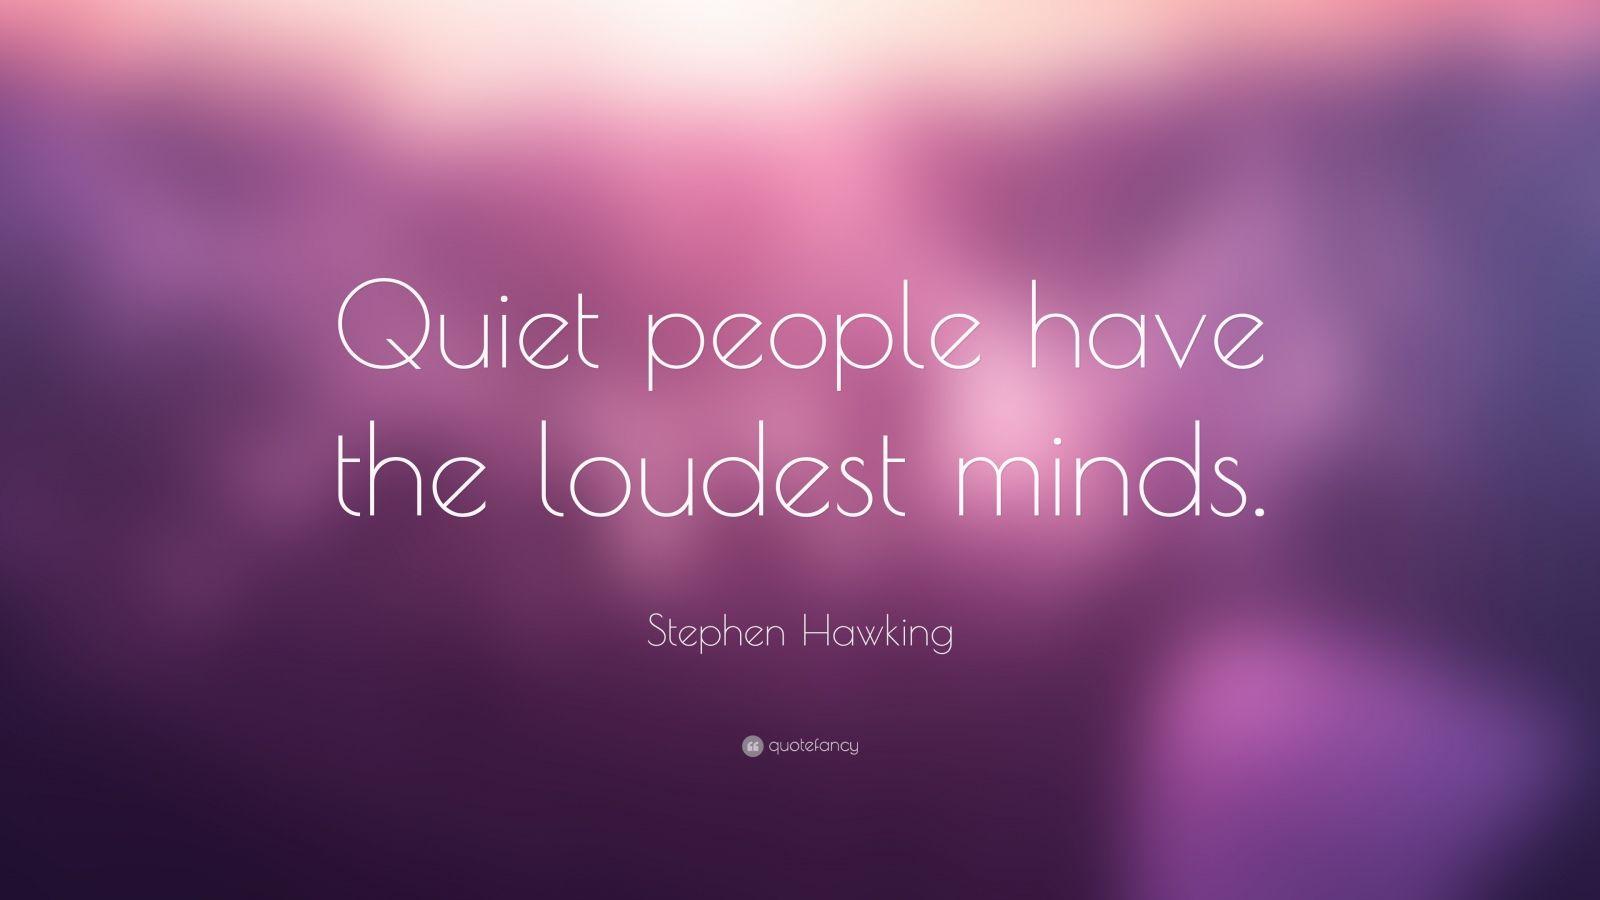 Nikola Tesla Wallpaper Quote Stephen Hawking Quote Quiet People Have The Loudest